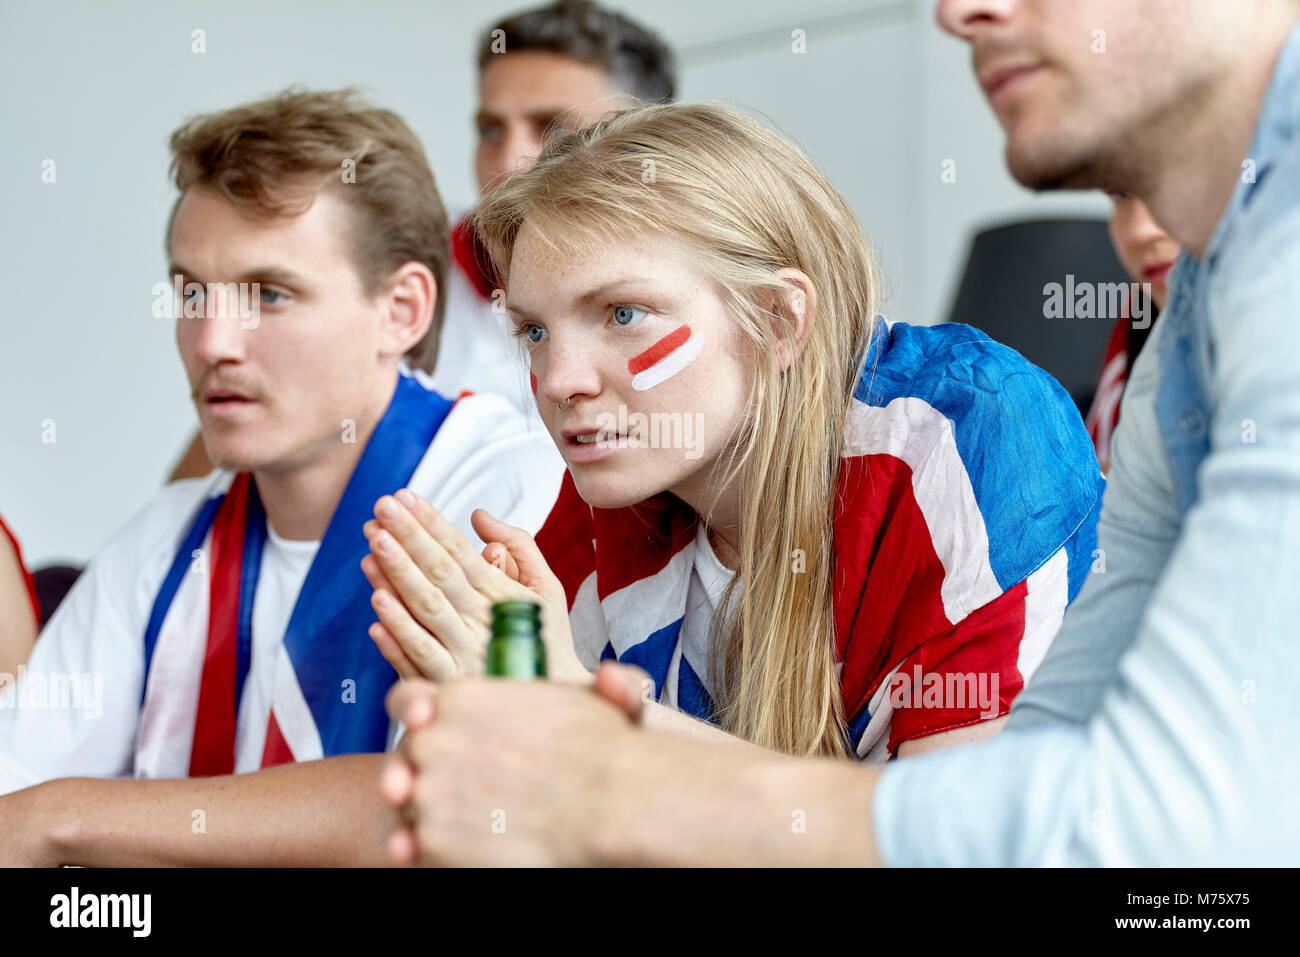 Britische Fußball-Fans gemeinsam Gleiches zu Hause Stockbild